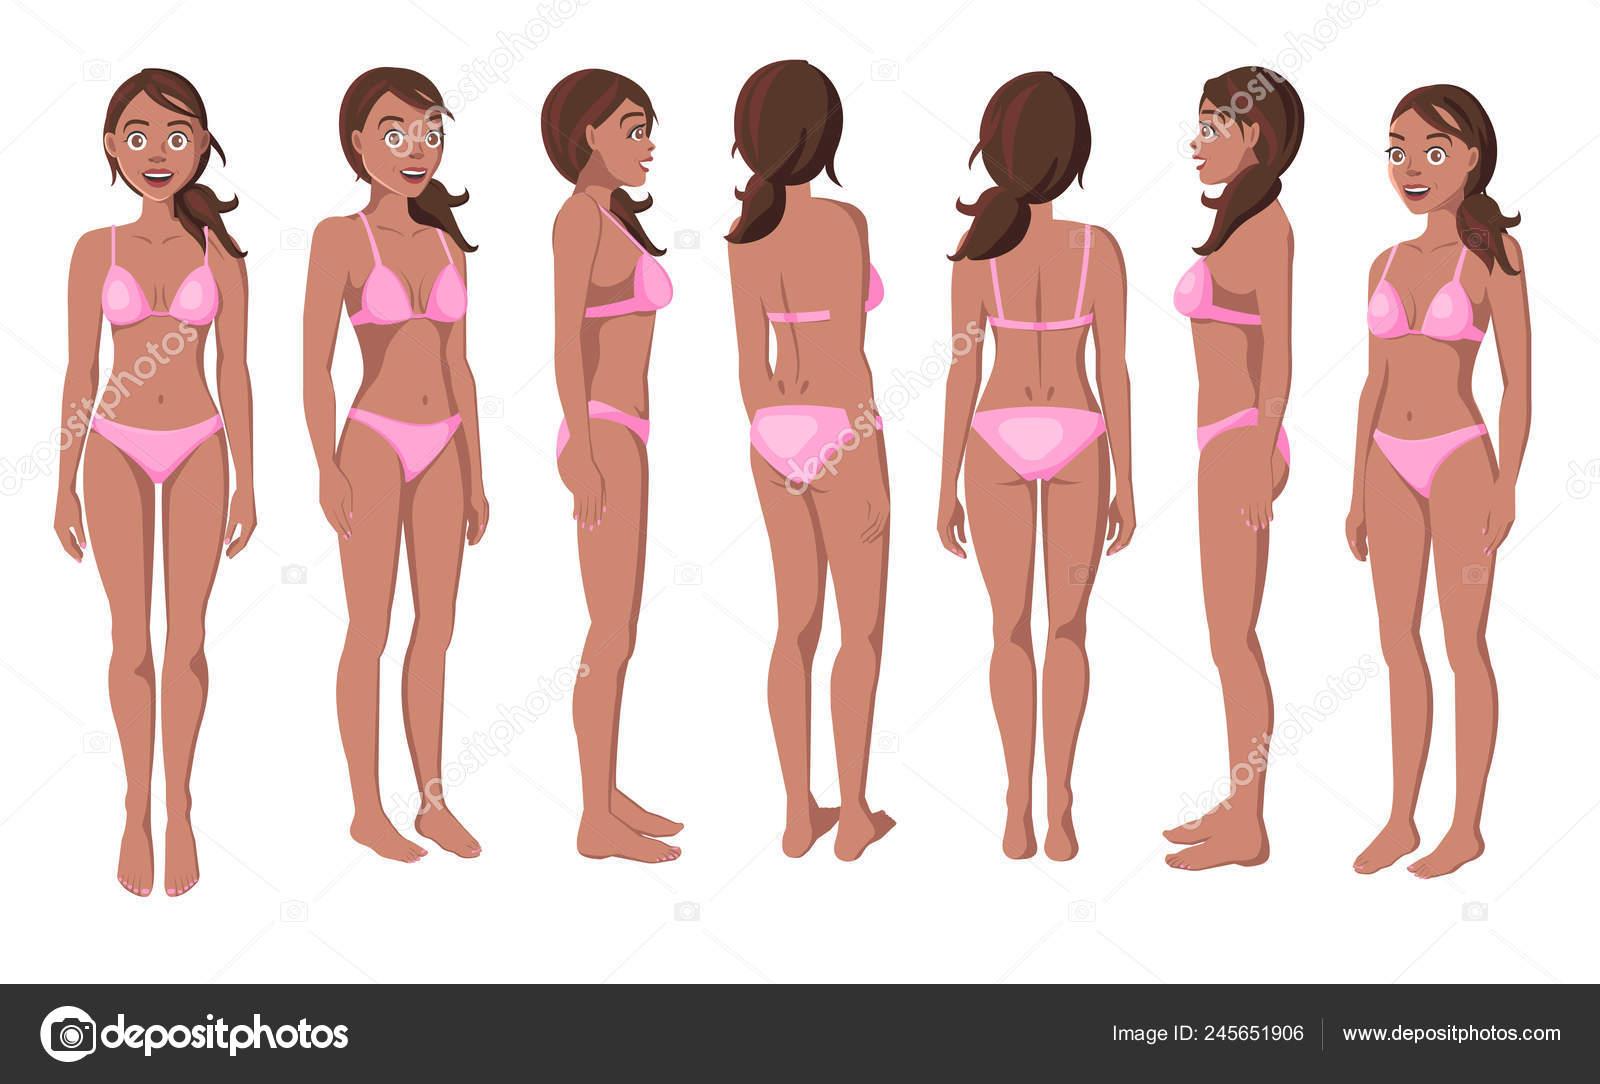 Vector Rosa Mujeres Sonrientes Bikini Sobre Ilustración Fondo Blanco 54qSAcj3LR